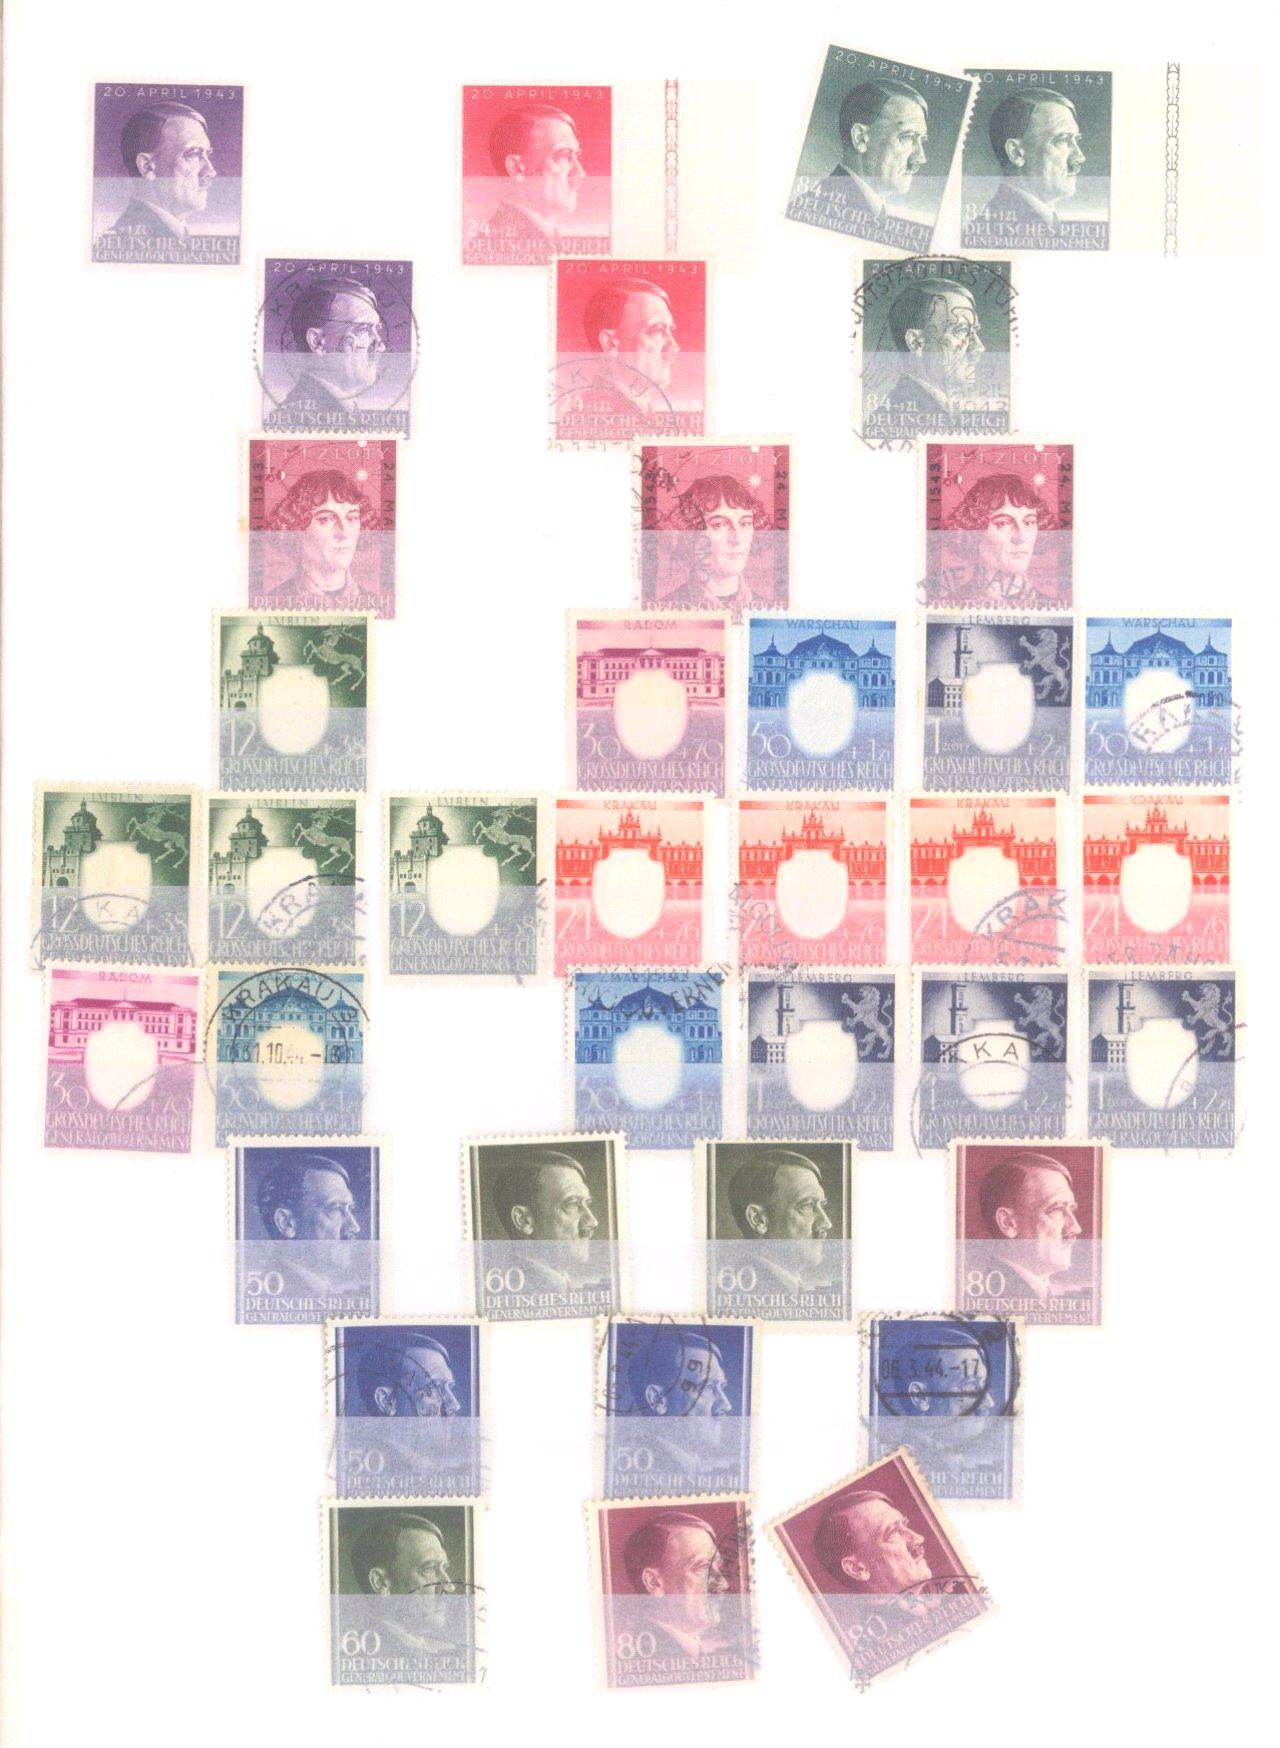 Sammlung Deutsches Reich in 2 Alben, 1933-1945-36